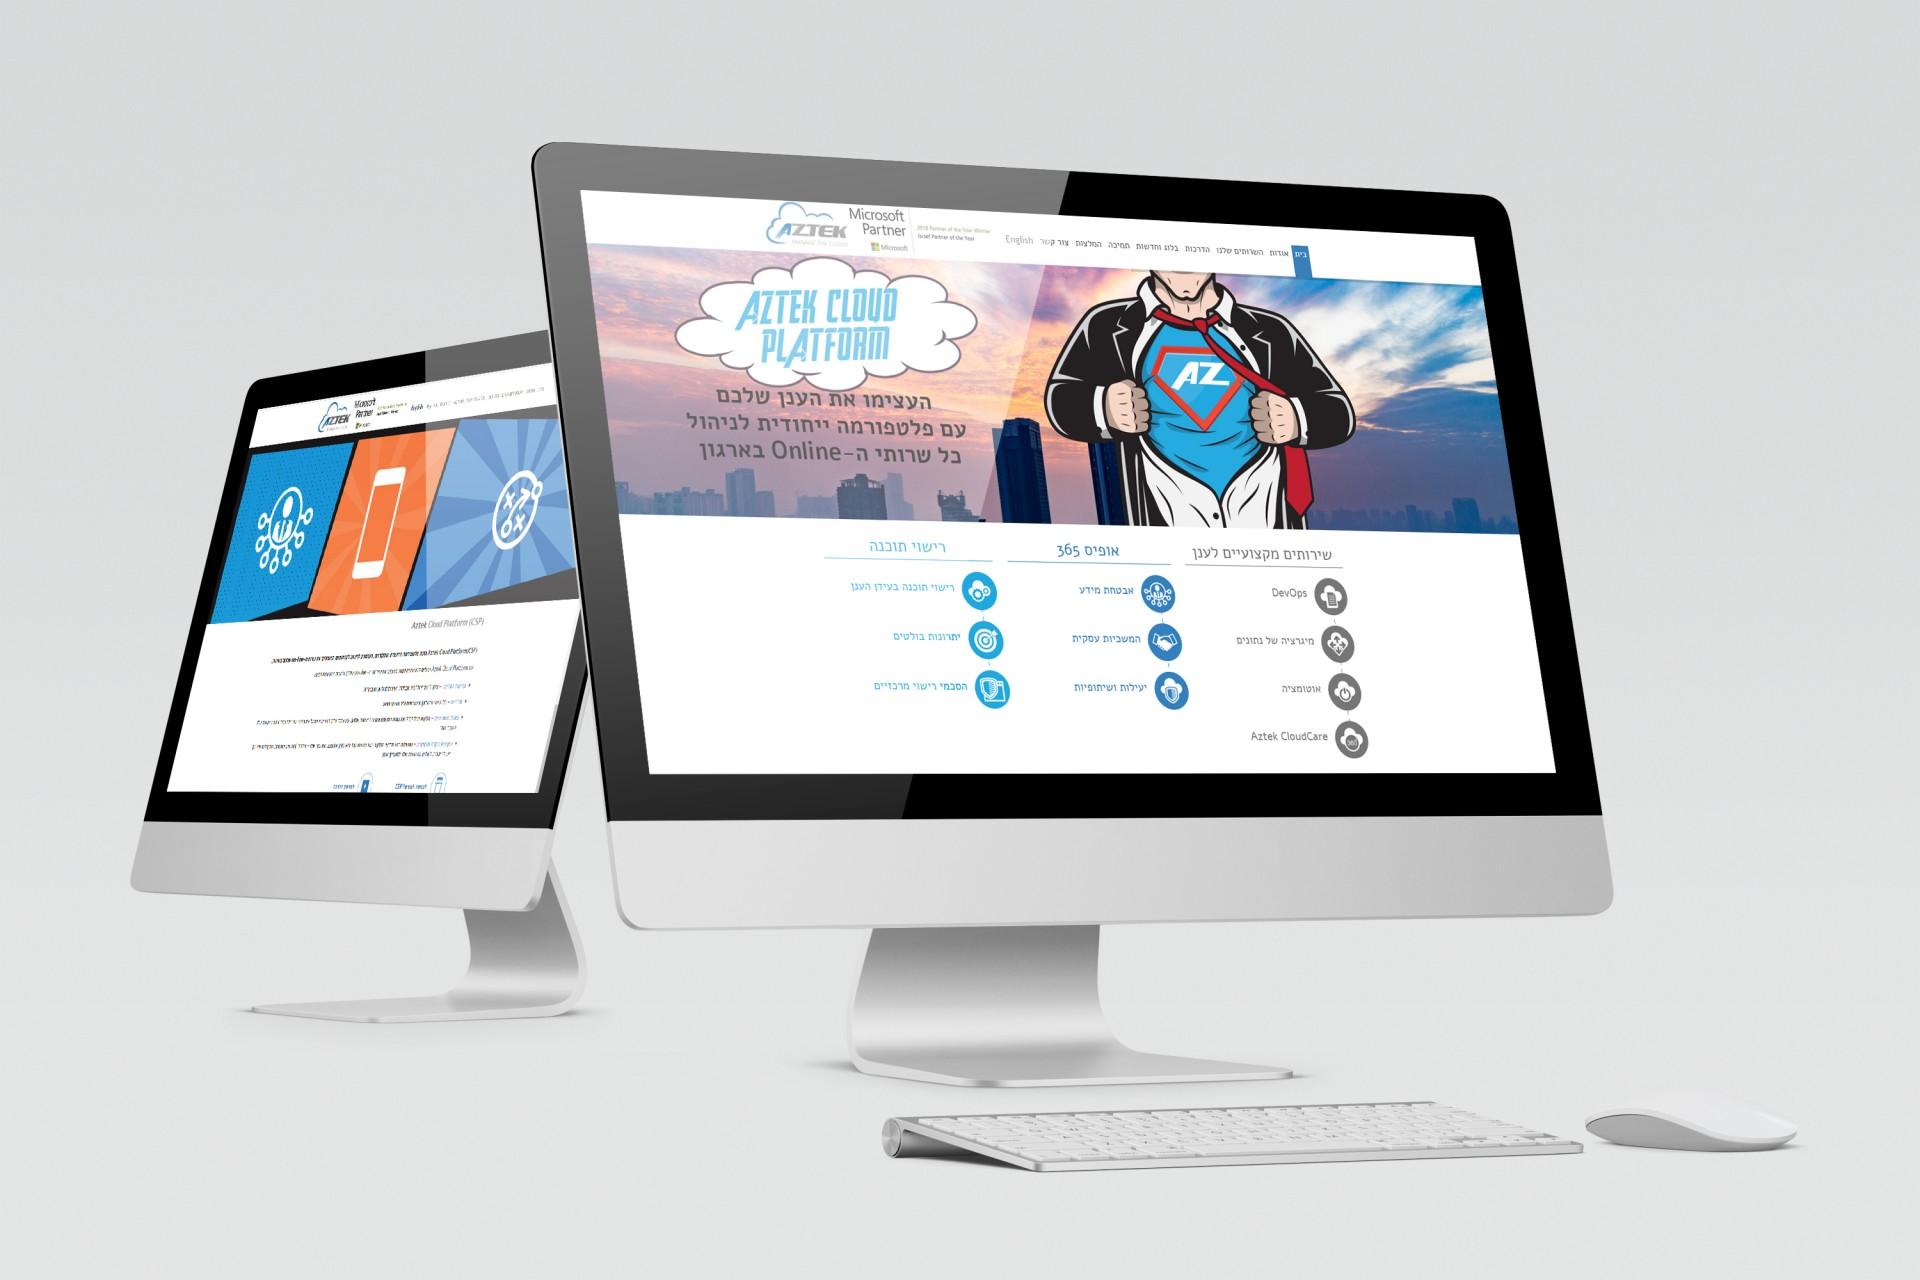 עיצוב אתר אינטרנט לחברת אזטק